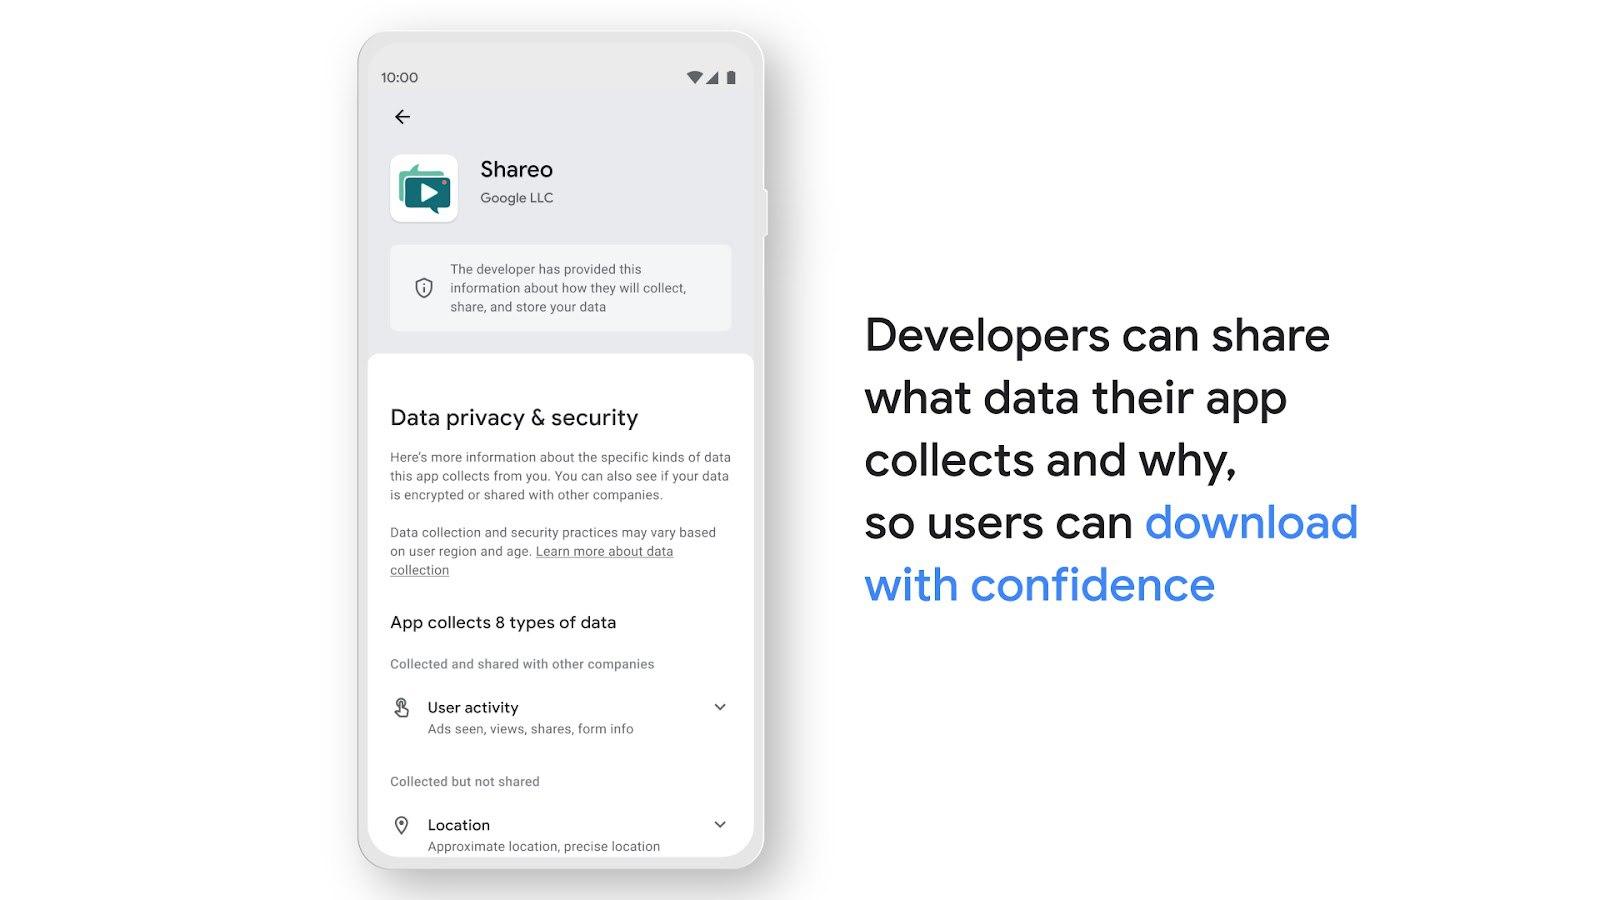 Гугл начал показывать в Гугл Плей информацию о том, какие данные собирает и как использует приложение. По сути это ровно то же решение, что раньше показали Эппл и уже тогда было понятно - остальным игрокам рынка придётся сделать так же.Интересно, что внешн